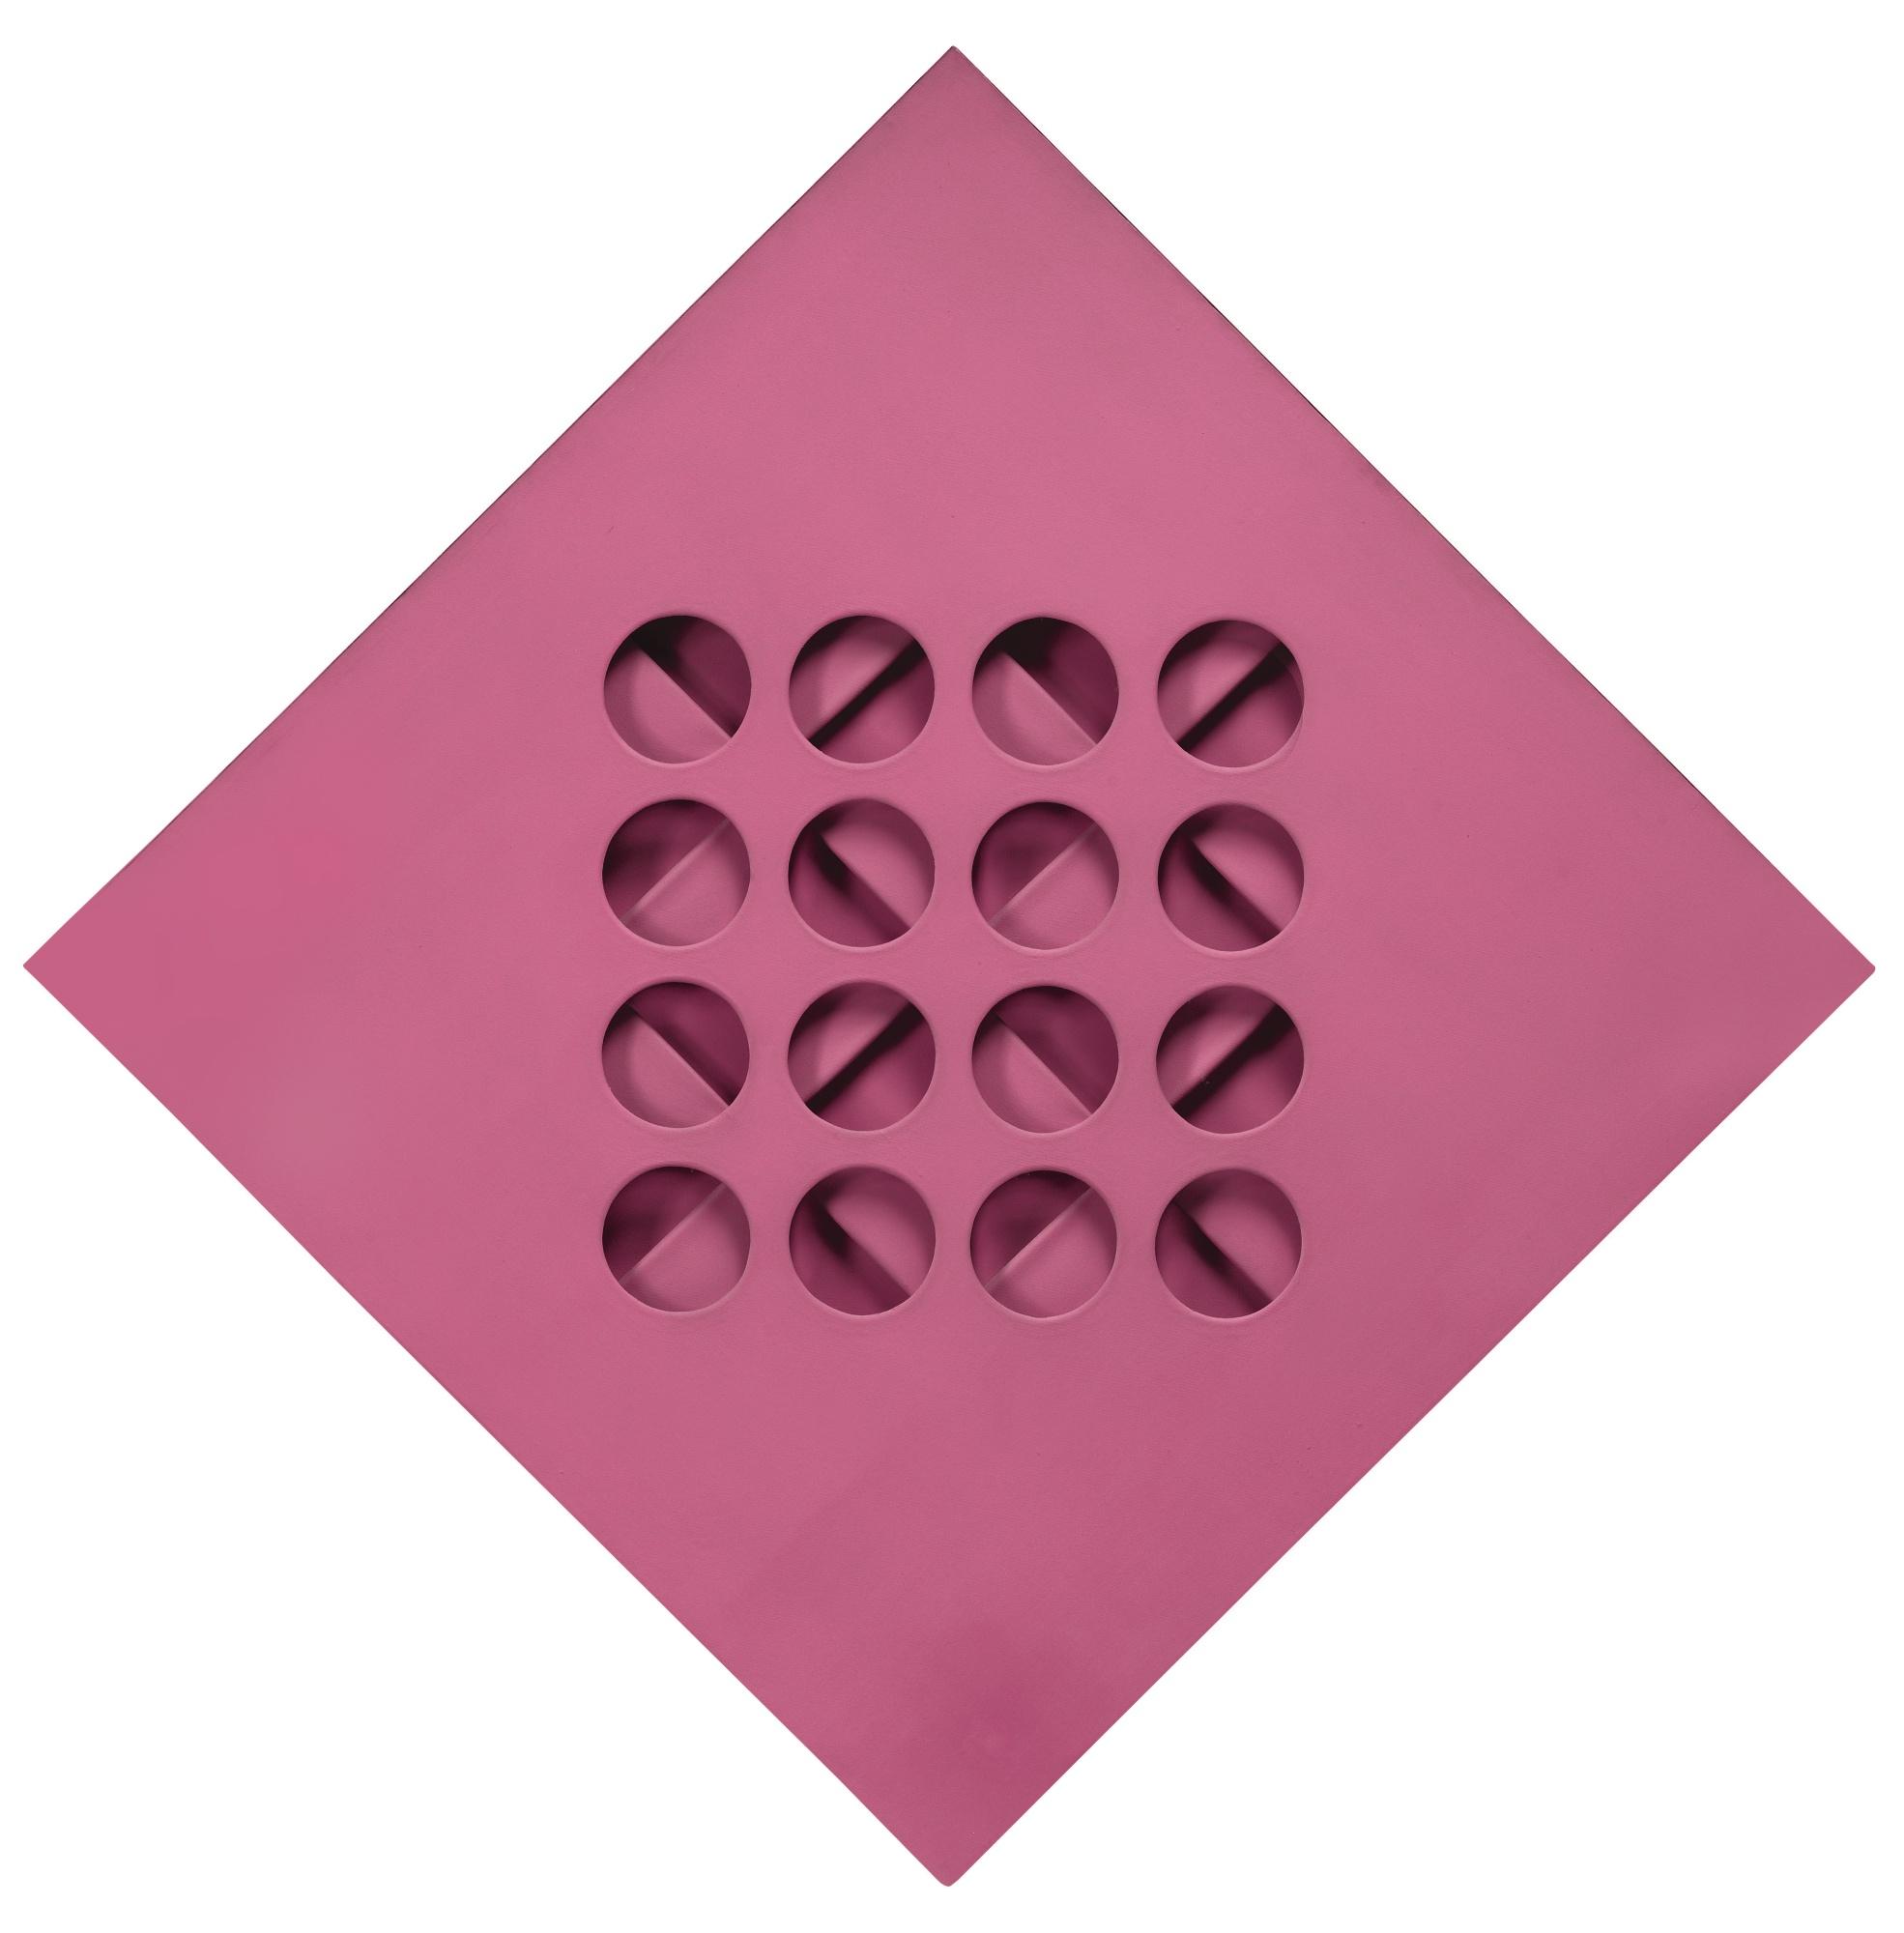 Paolo Scheggi-Intersuperficie Curva Dal Rosa-1968